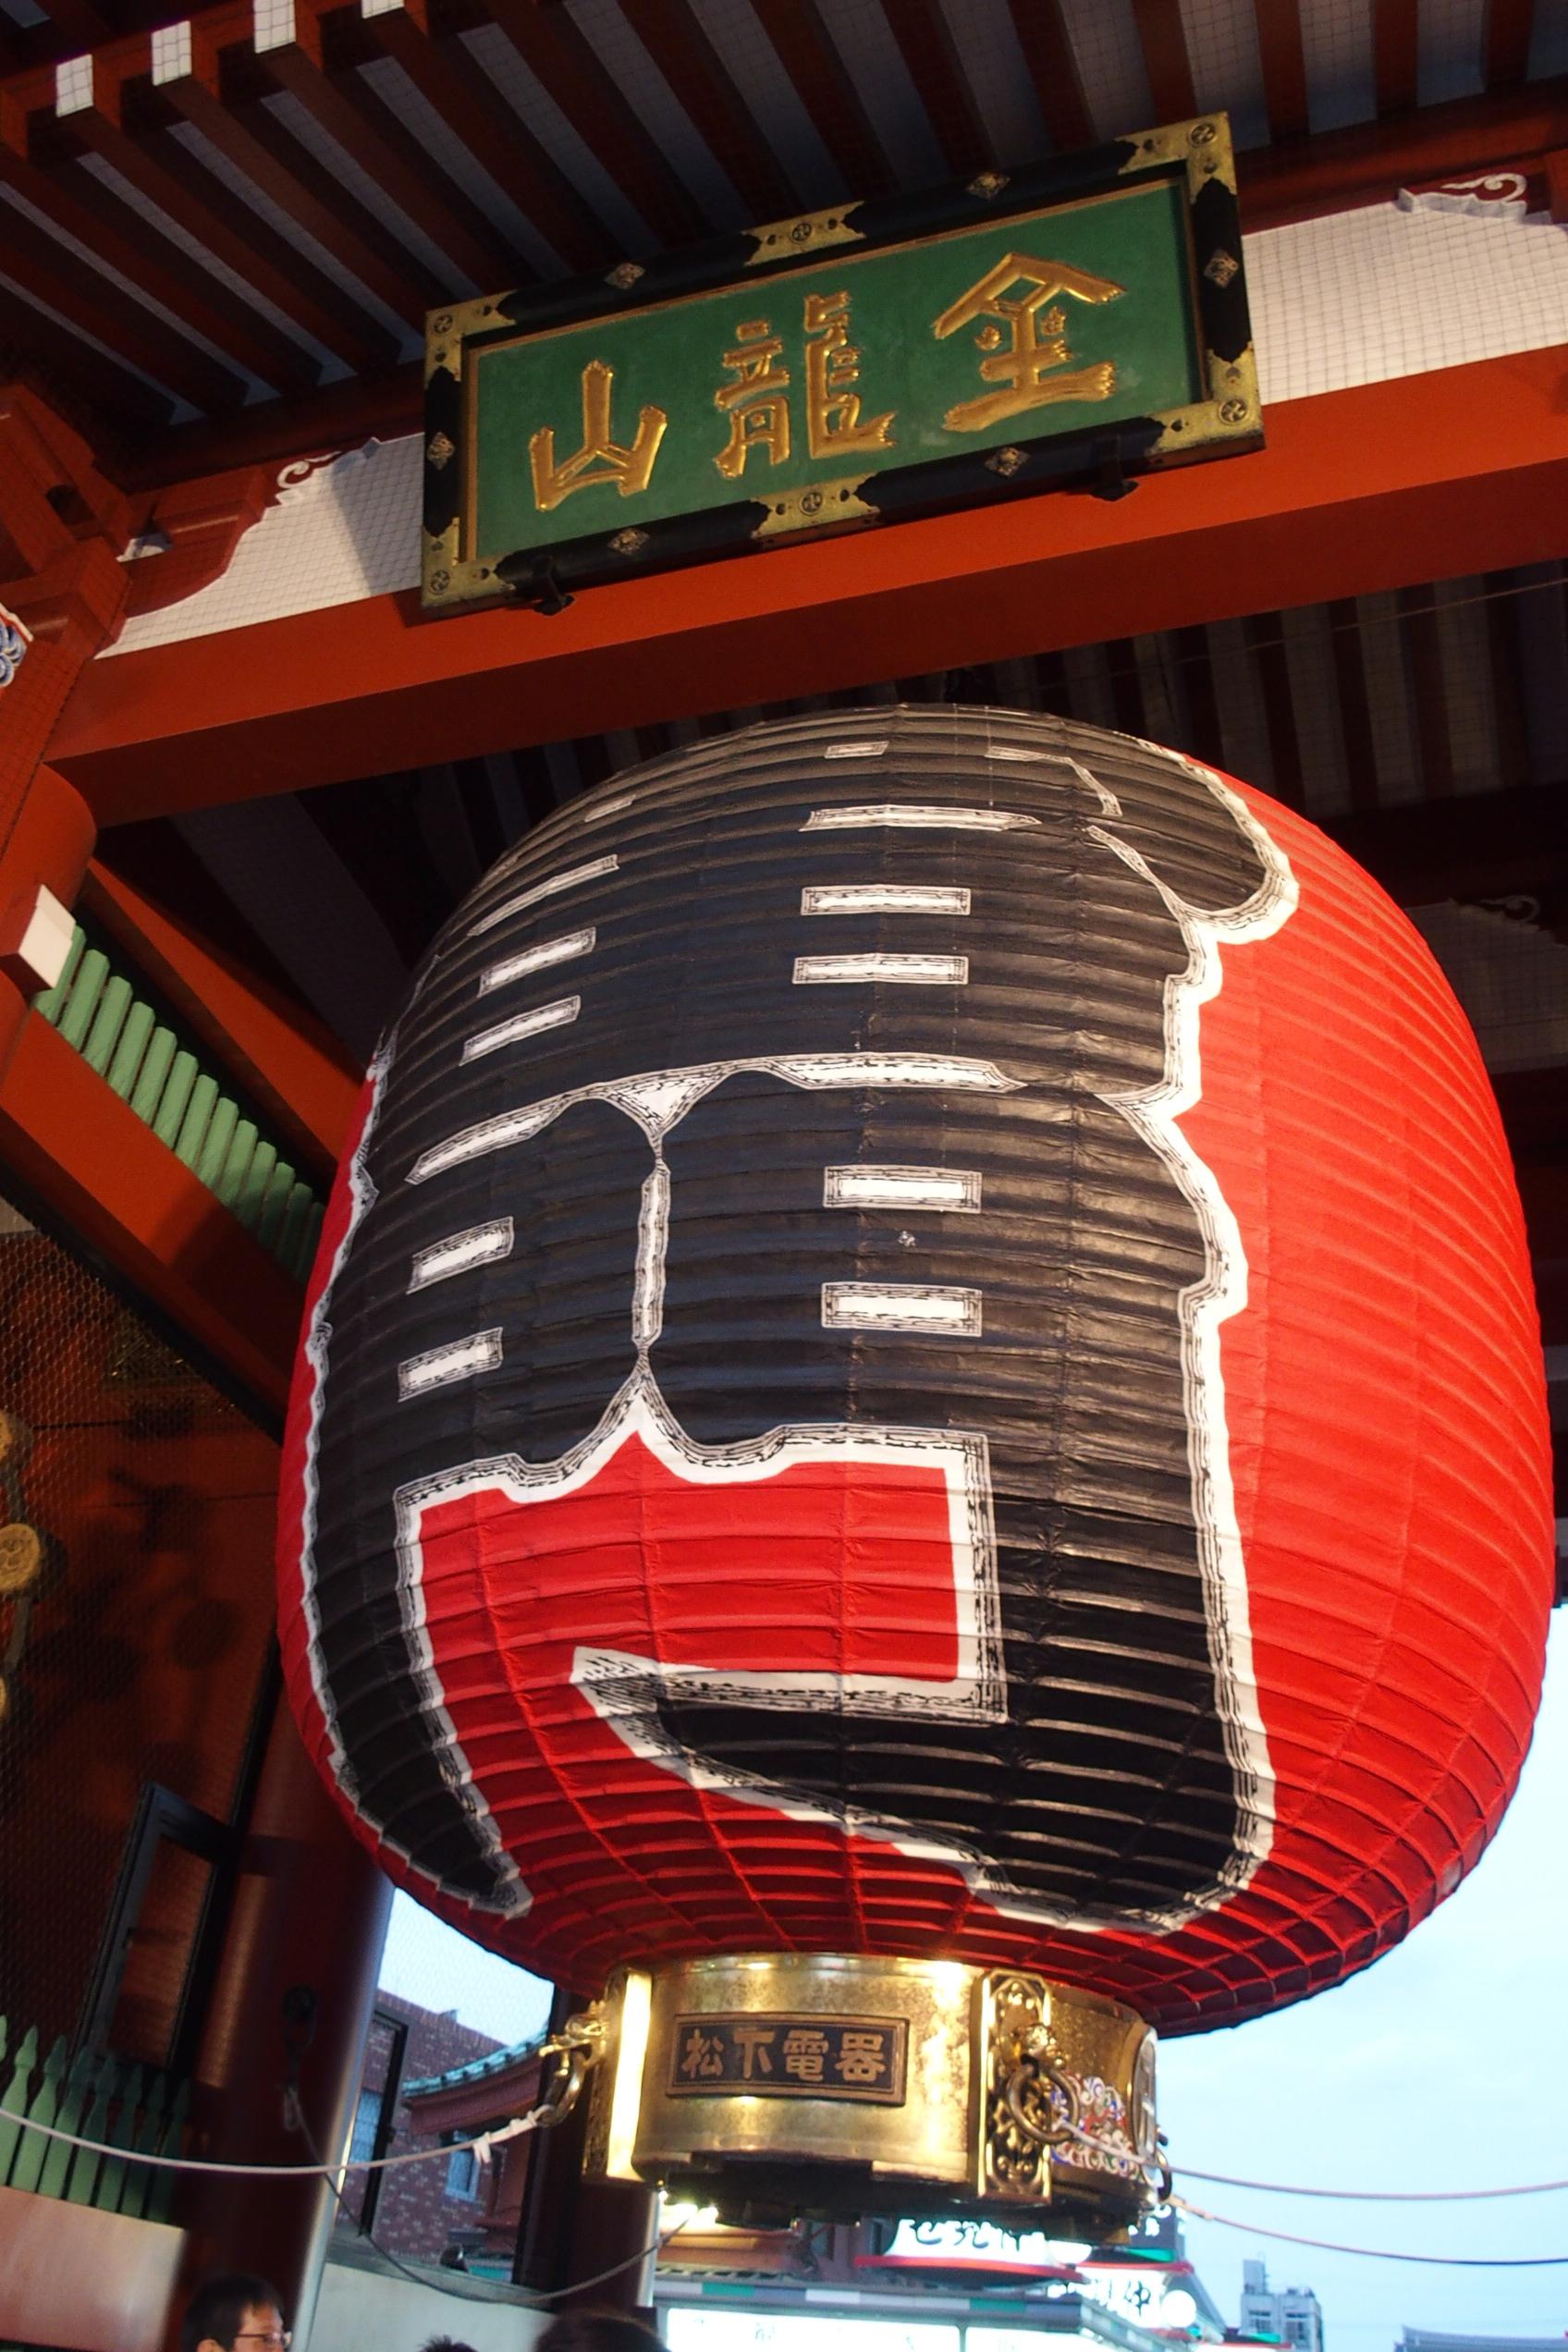 Kaminarimon, Asakusa